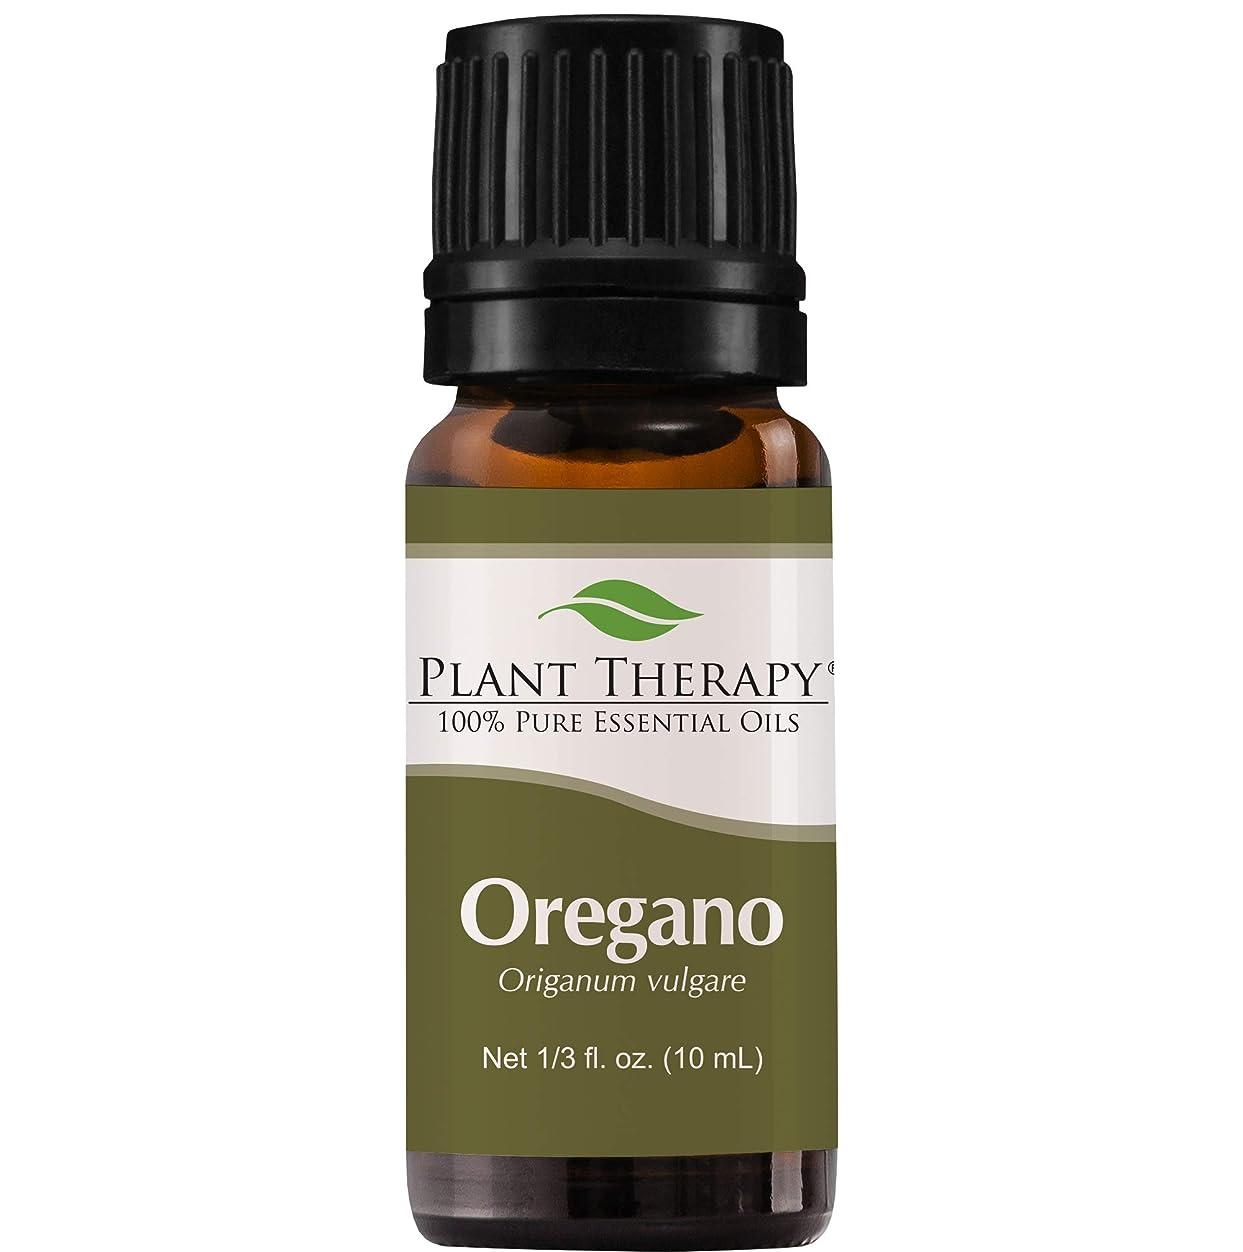 ハイジャックのれんマーベルPlant Therapy Essential Oils (プラントセラピー エッセンシャルオイル) オレガノ (オリガヌム) エッセンシャルオイル